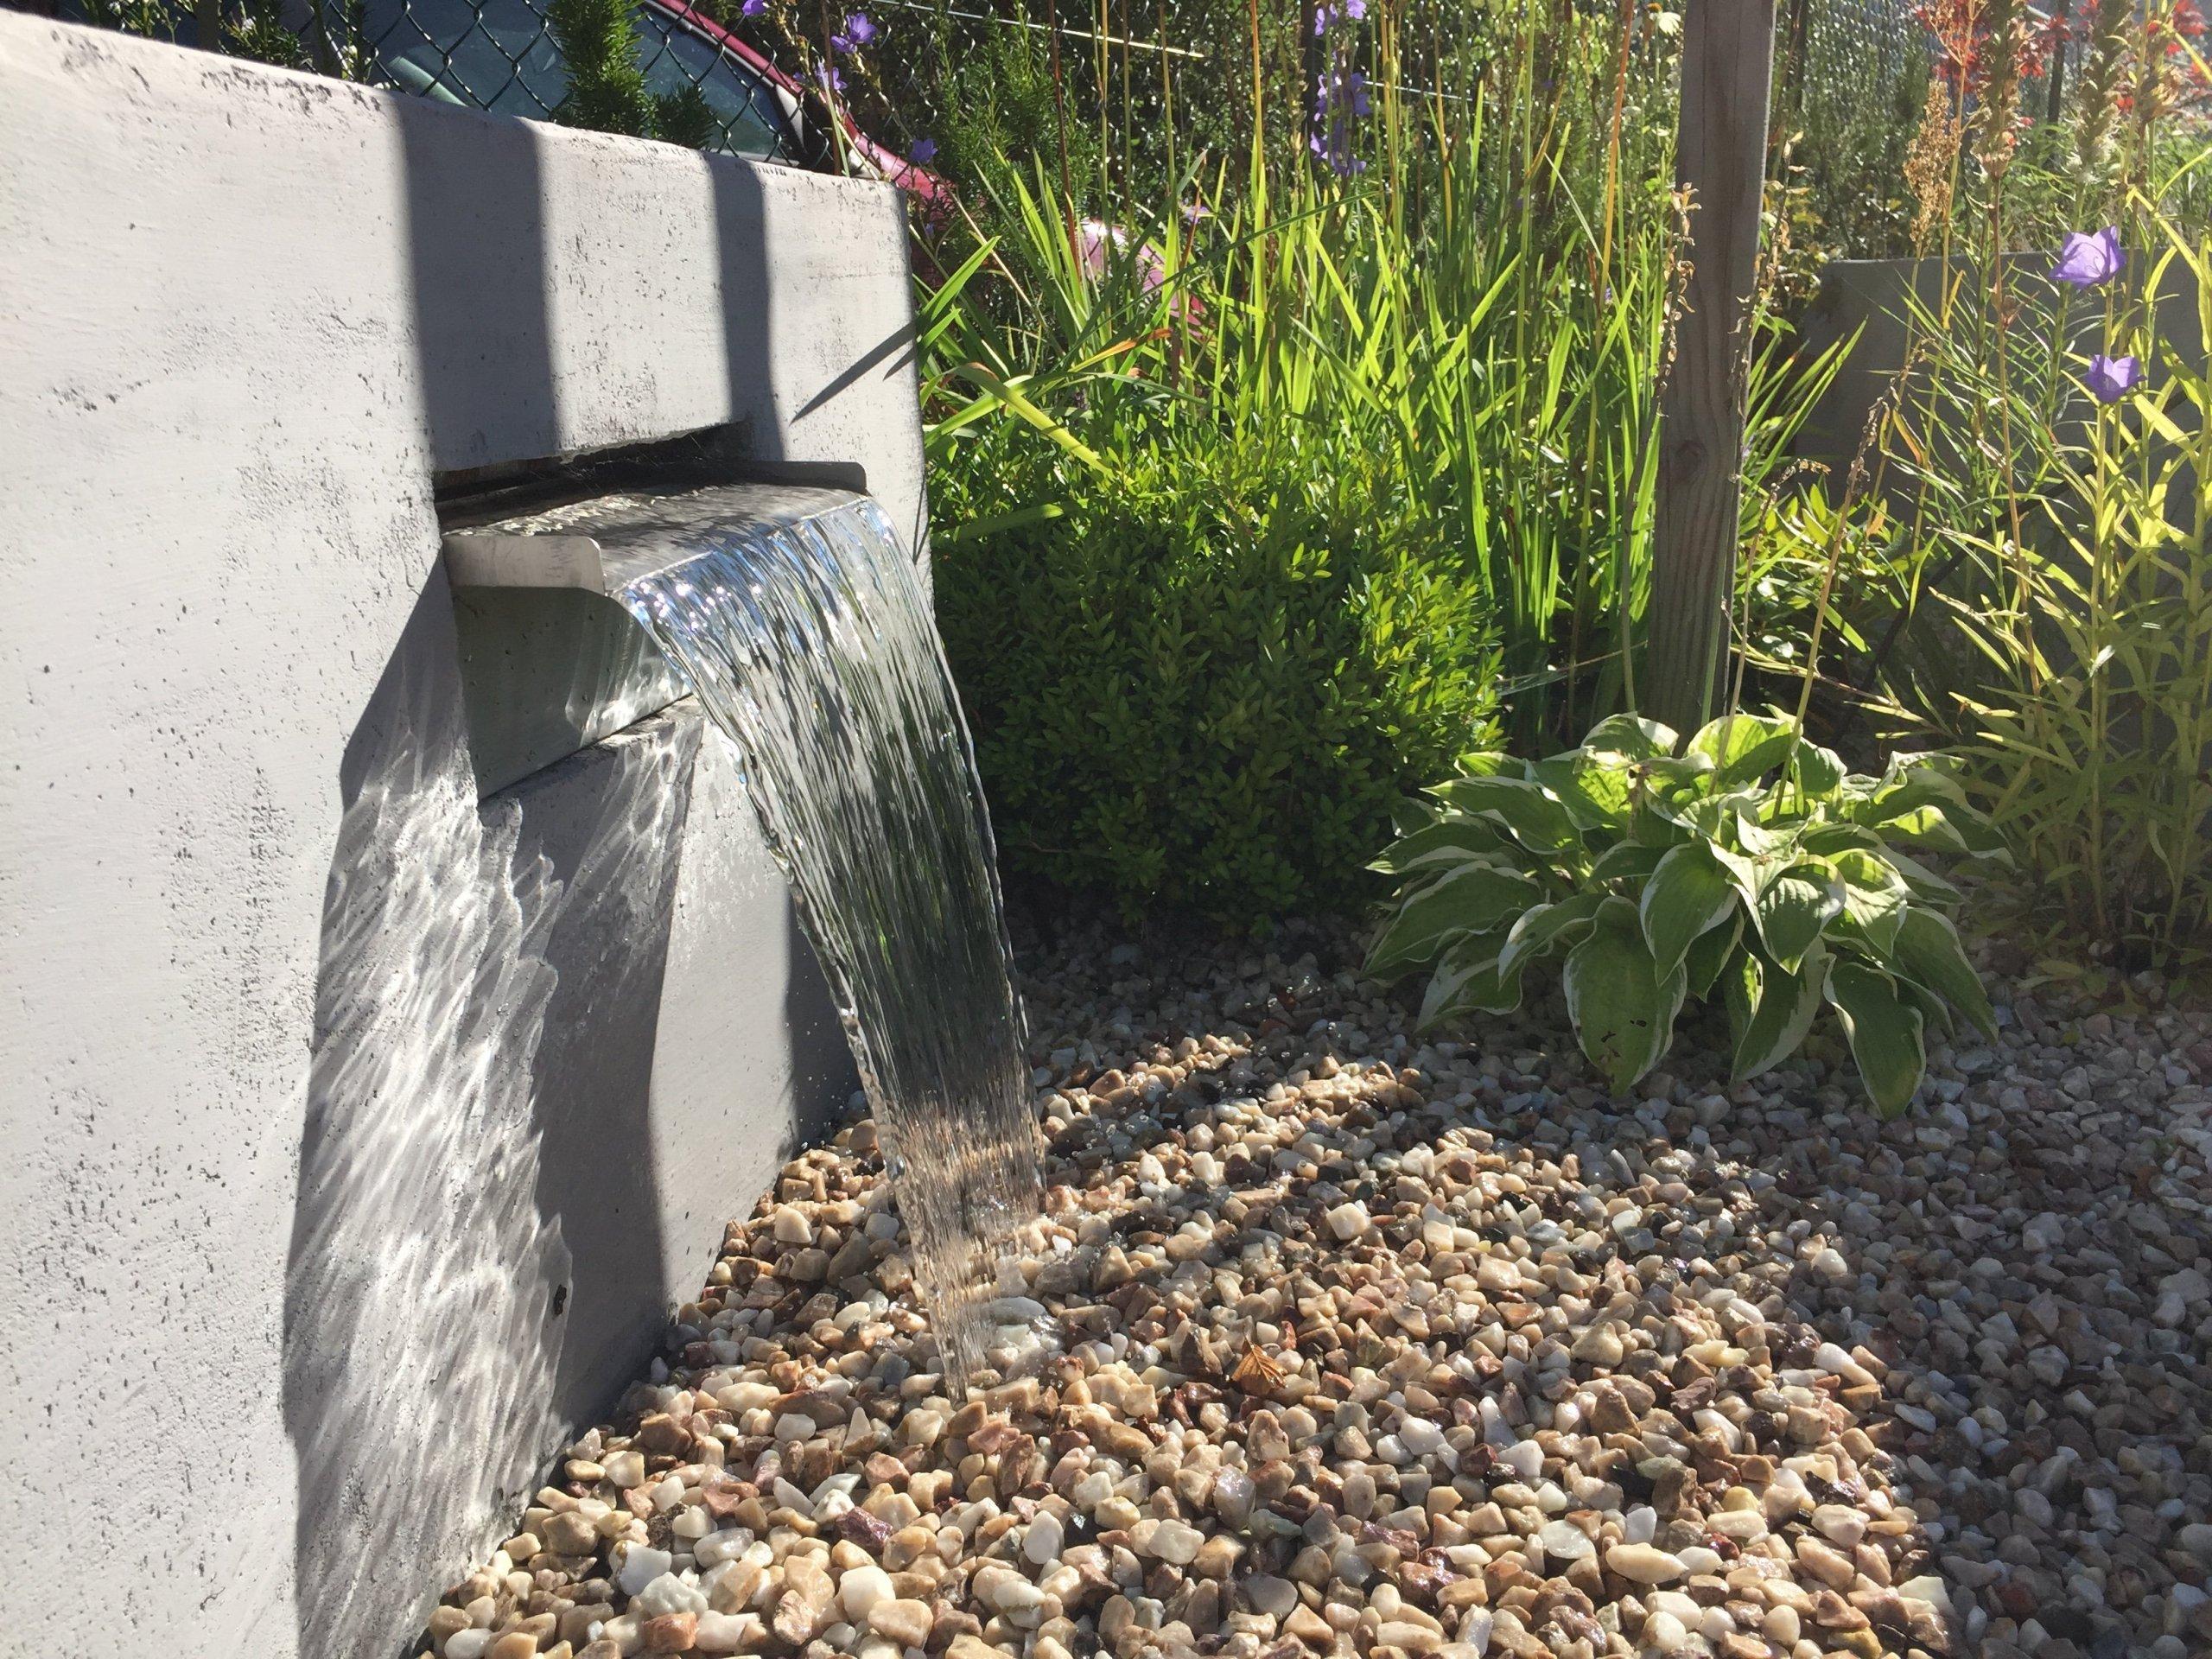 Přední část zahrady jako reprezentativní část je uzavřena v pravidelných rámech. Geometrické podíly zdůrazňují jednoduchost a eleganci, nepřitlačujíc…